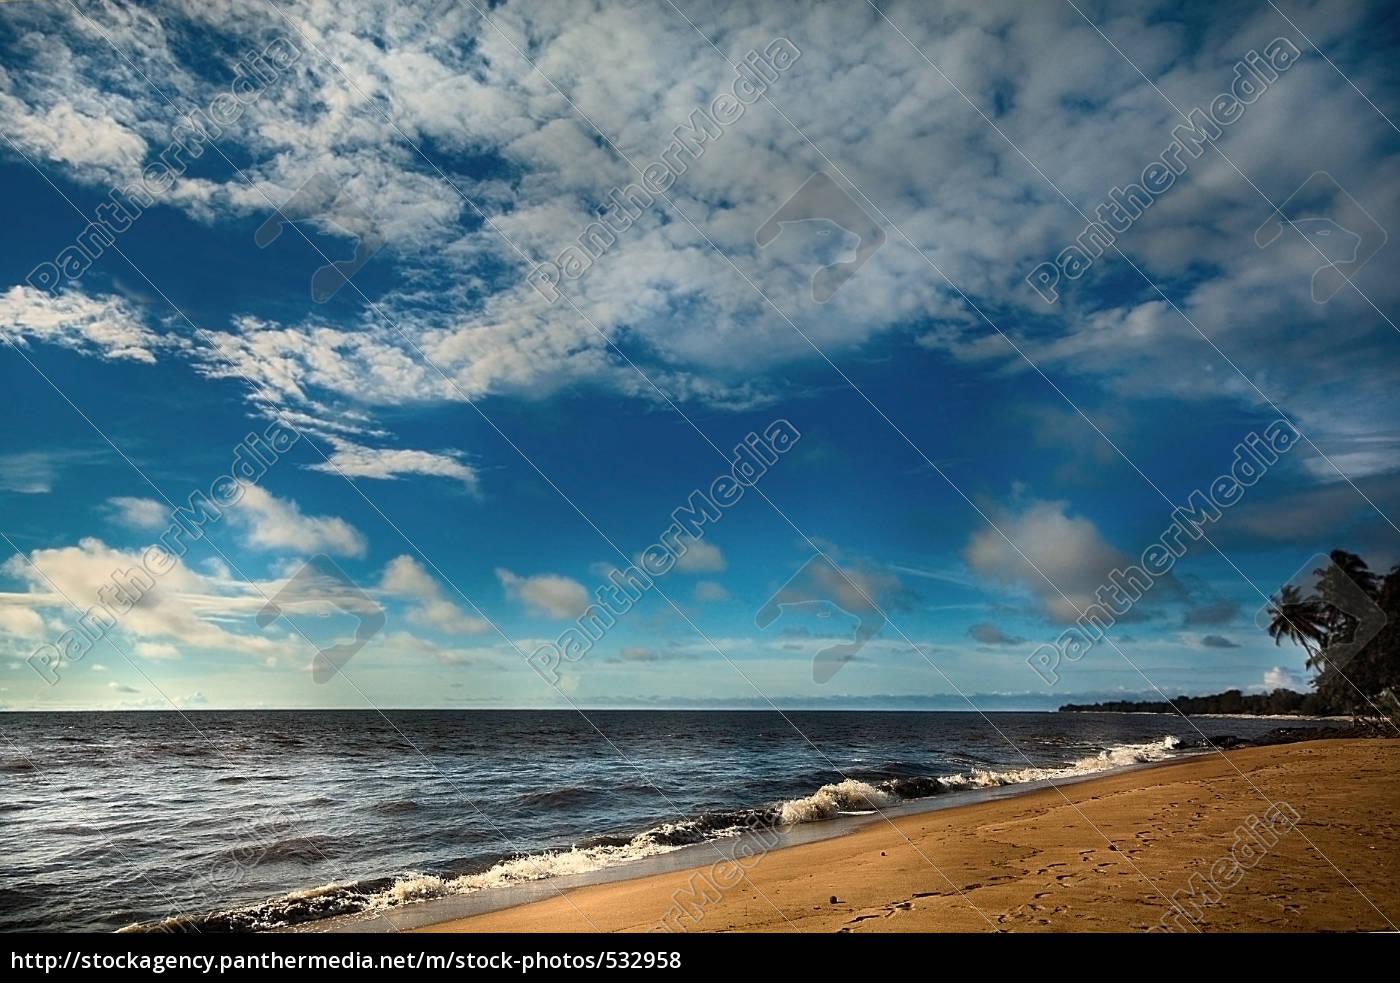 les, nuages, \u200b\u200bsi, beaux - 532958